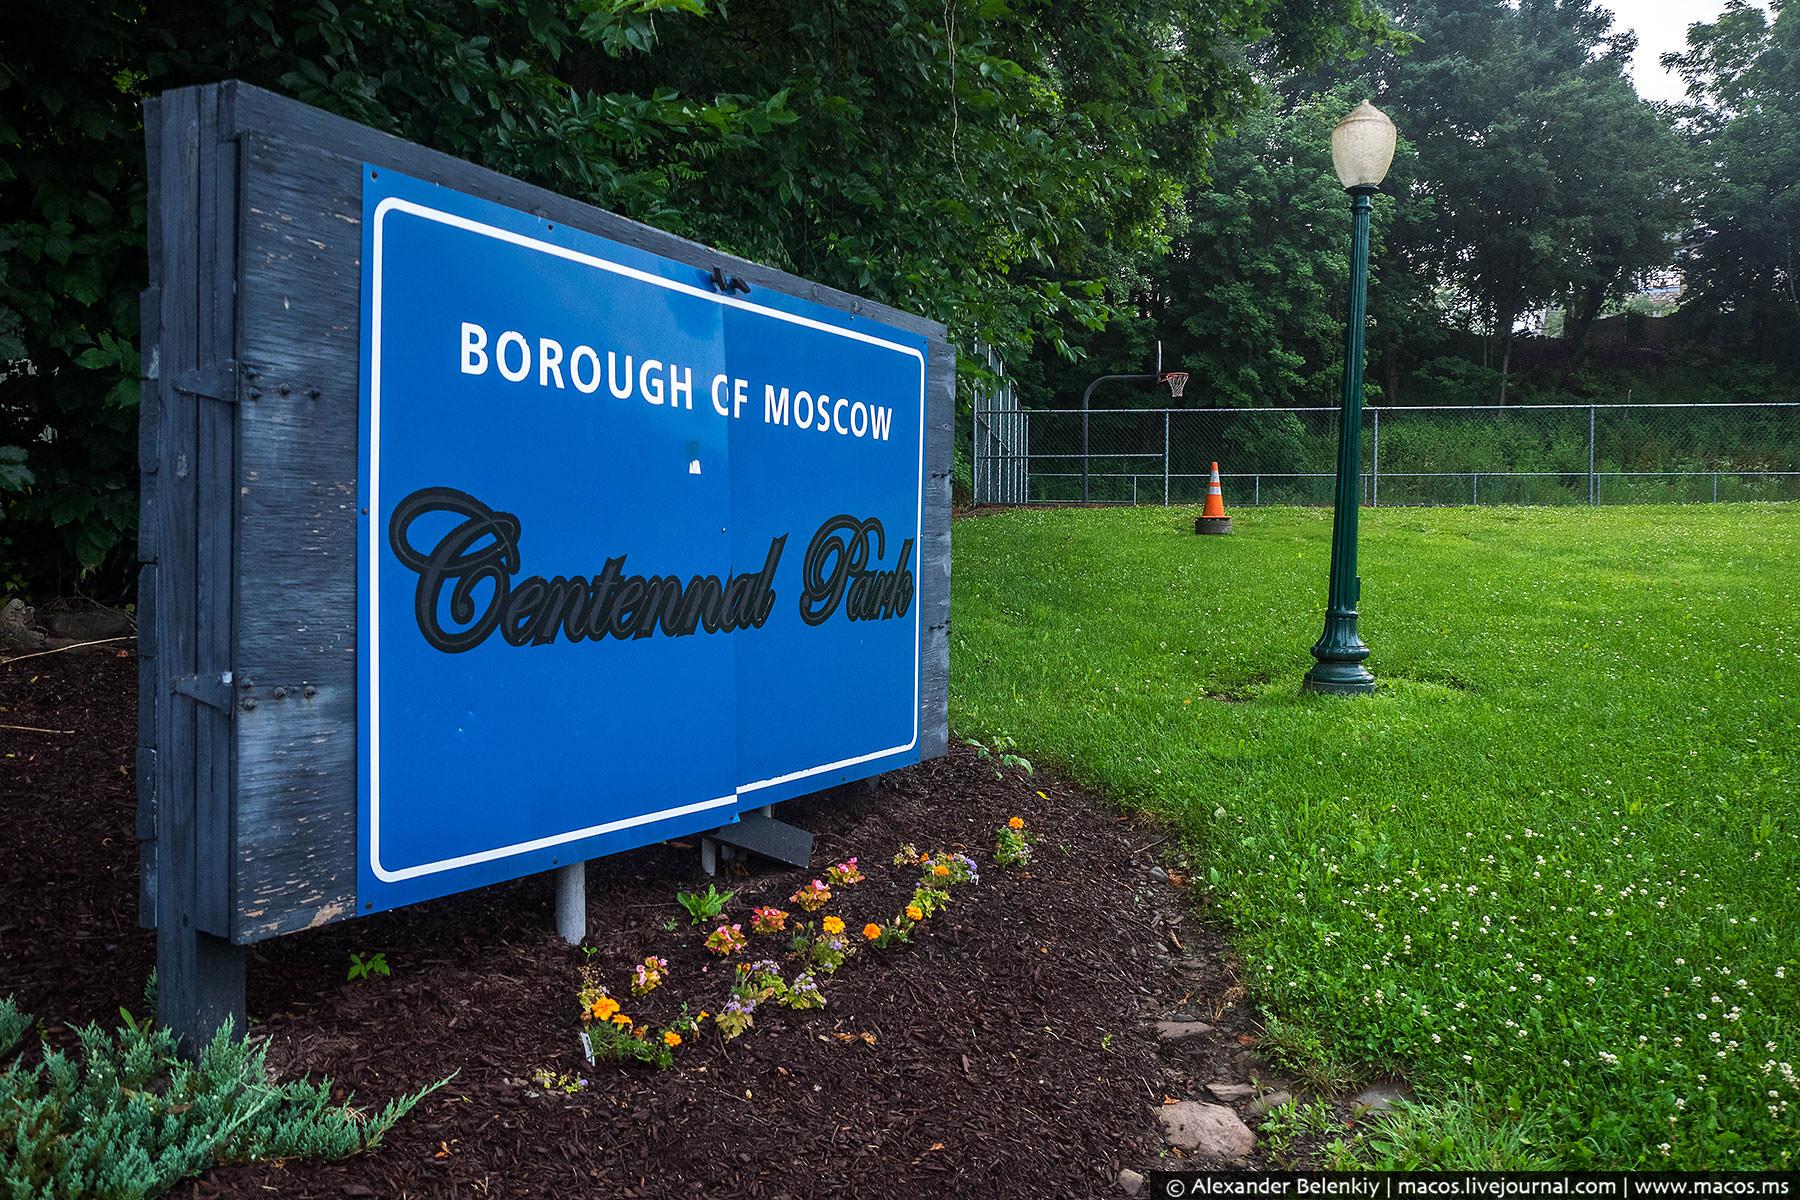 К столетию Москвы (2008 год) открыли новый парк с баскетбольной площадкой и большой лужайкой. Да, не